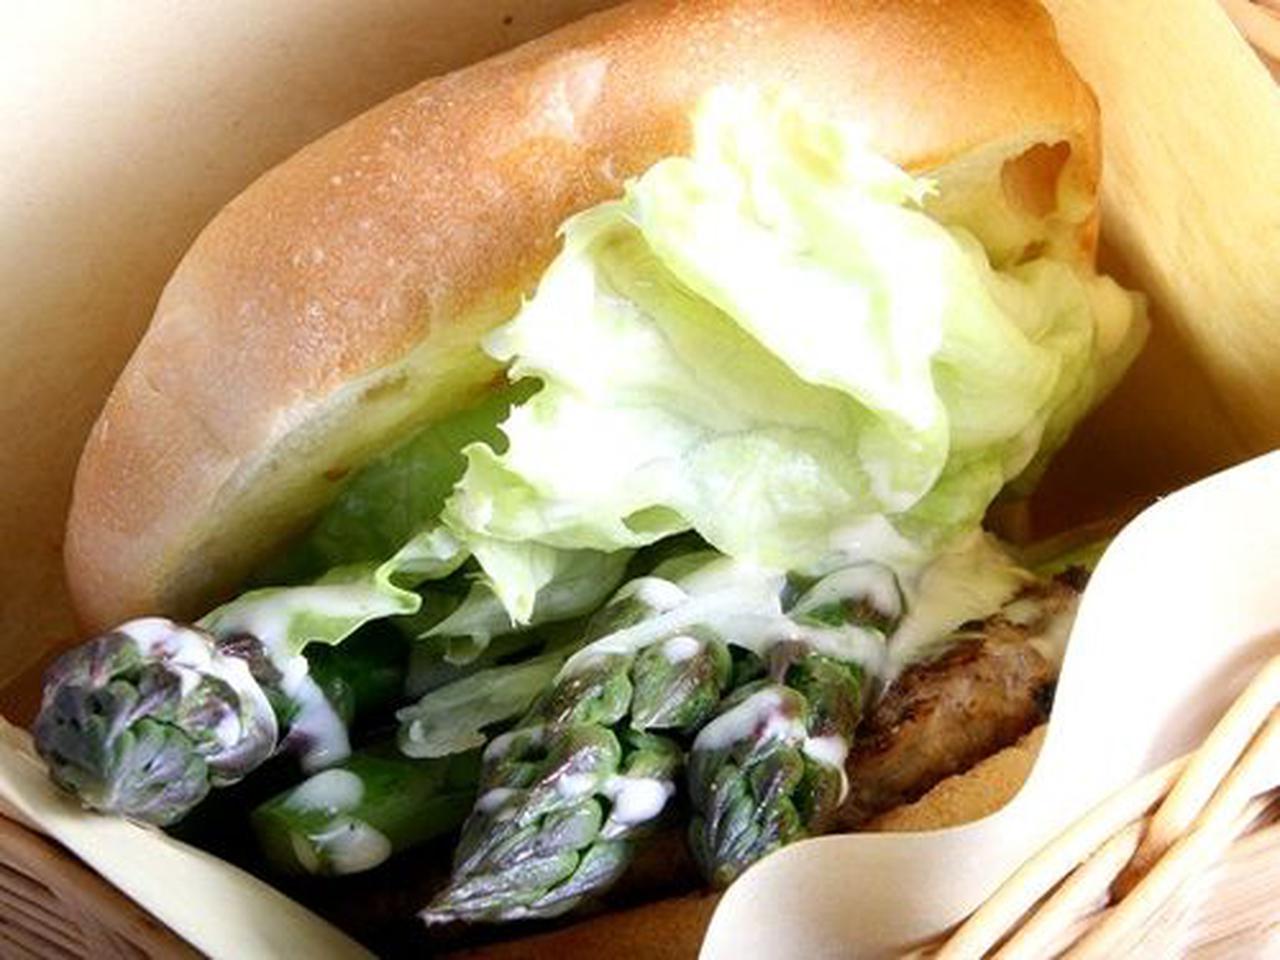 画像: こちらは季節限定の「アスパラバーガー」美瑛産の太いアスパラを用いたハンバーガーです。もちろん収穫できる時期のみ。